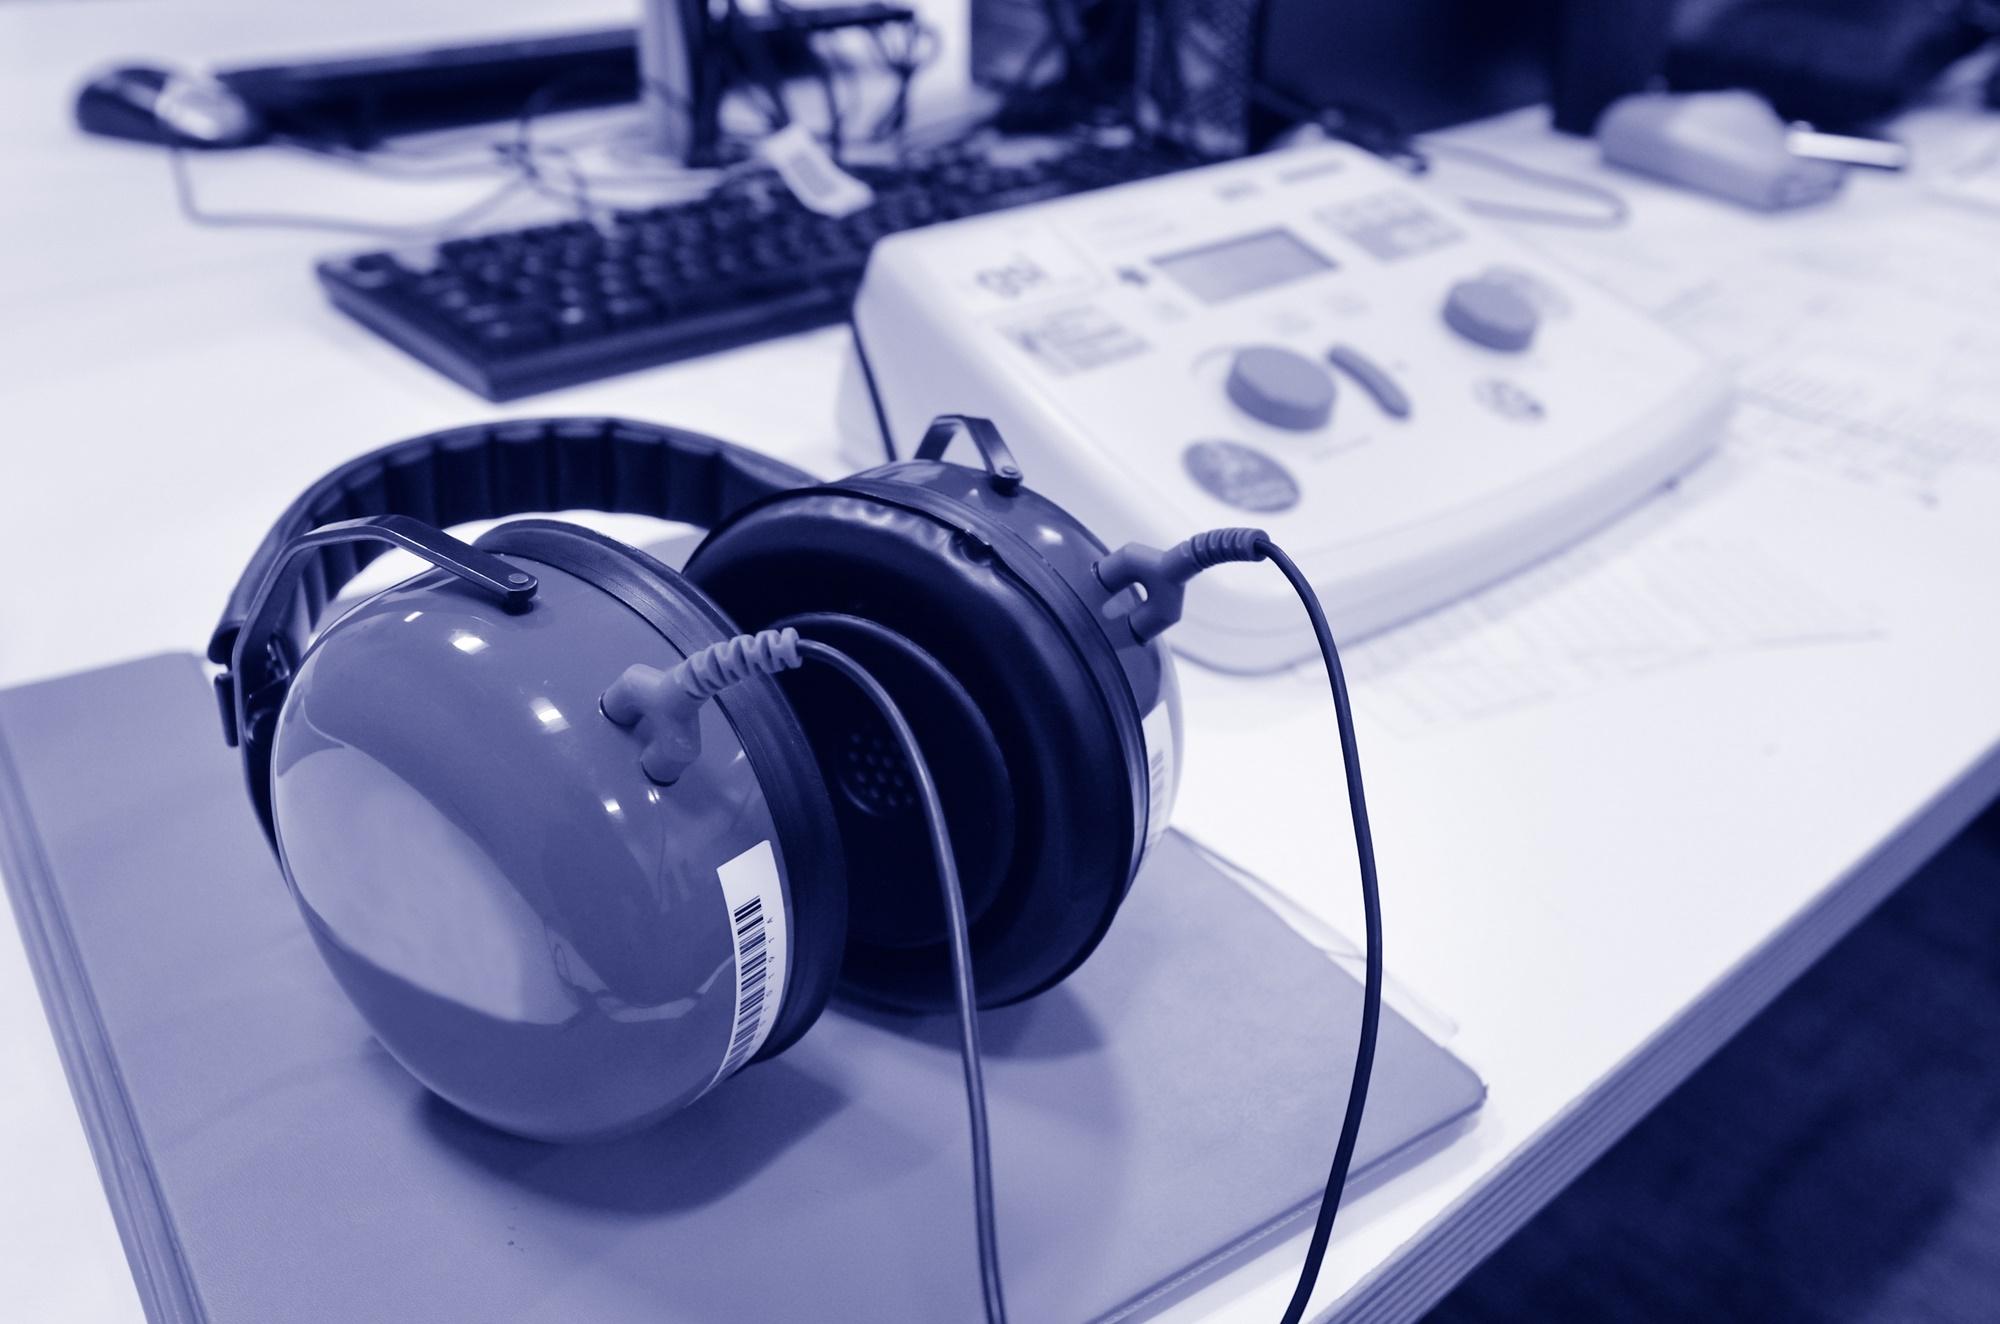 Audiometria: a importância desse exame ocupacional